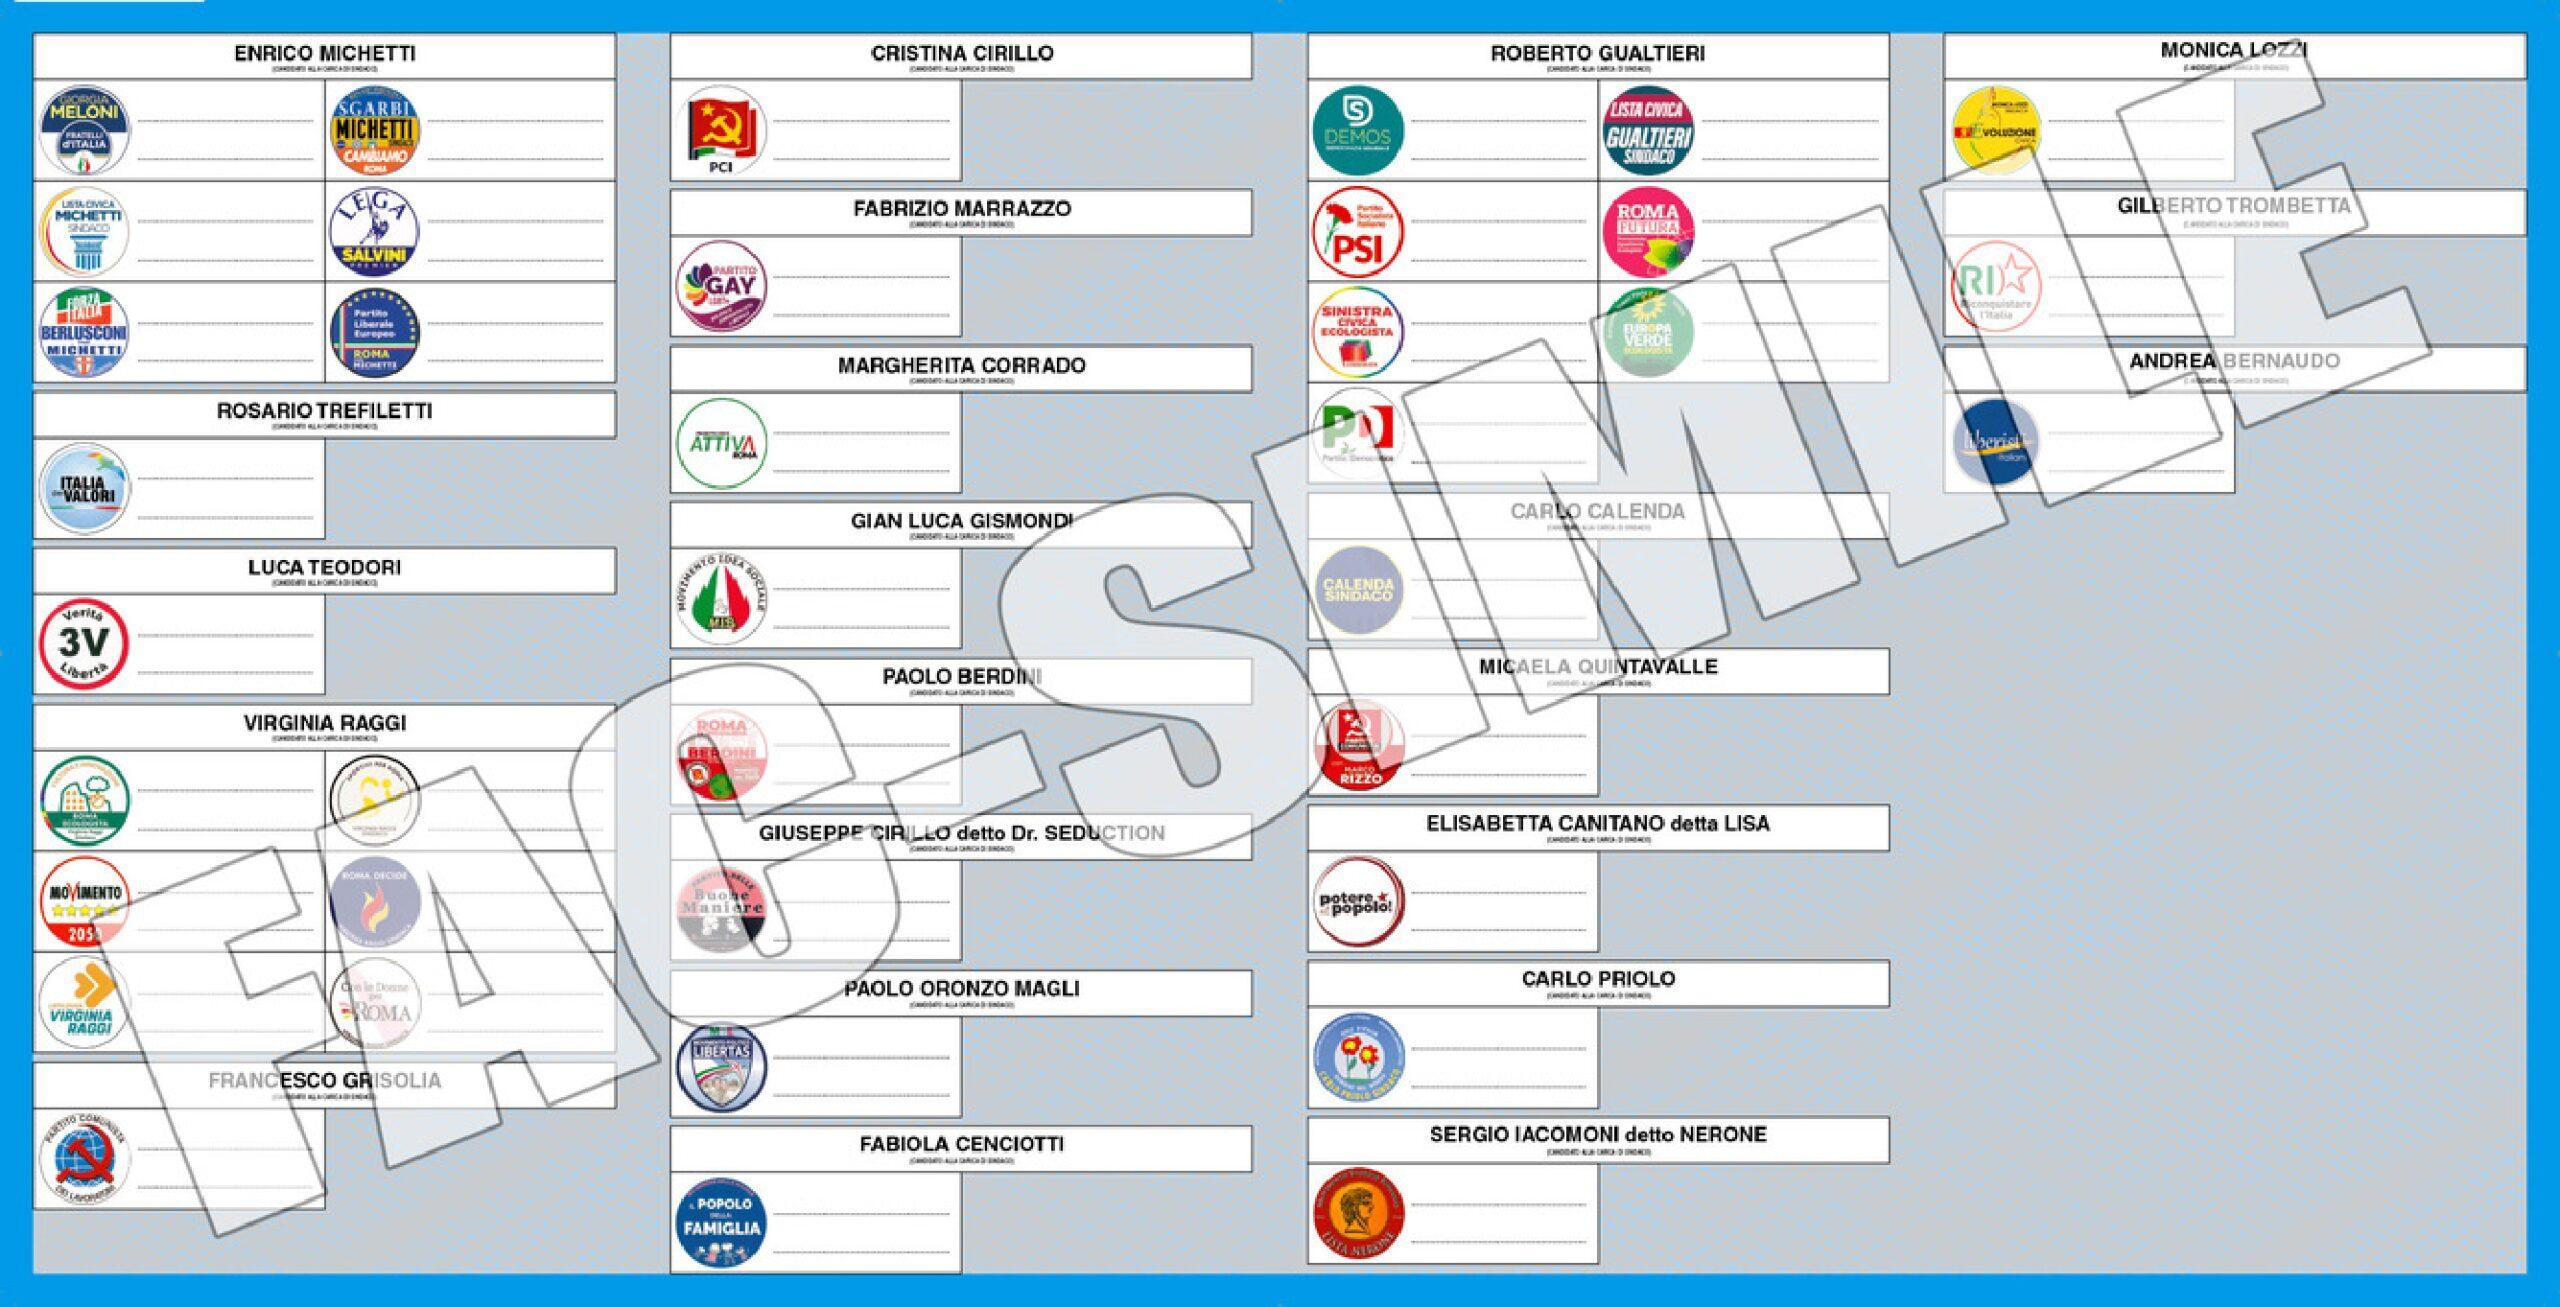 Elezioni Roma 2021, il fac simile della scheda elettorale: come si vota il 3 e 4 ottobre 2021